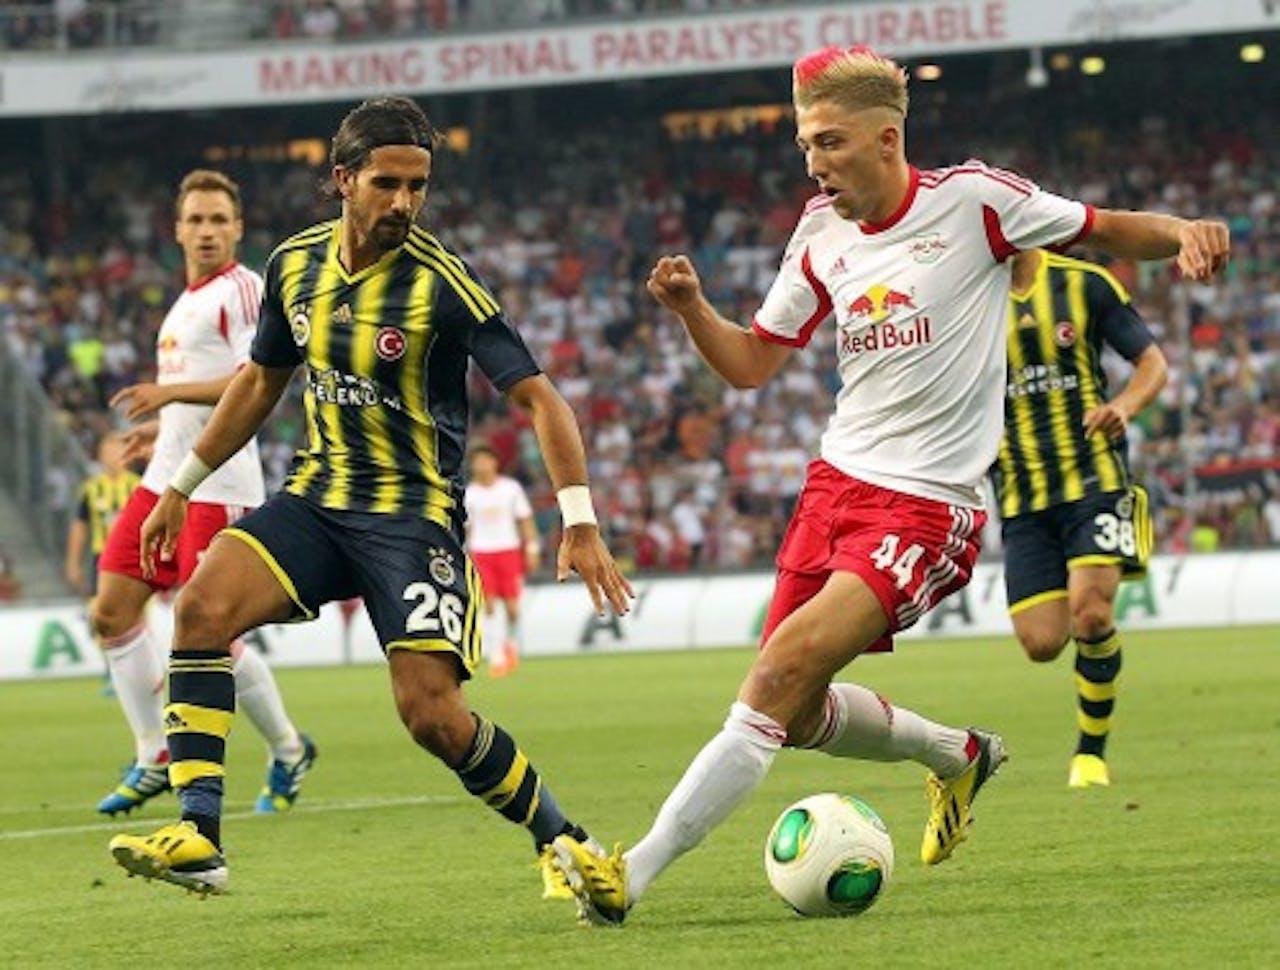 Alper Patuk (L) van Fenerbahçe in duel met Kevin Kampl van Red Bull Salzburg. EPA